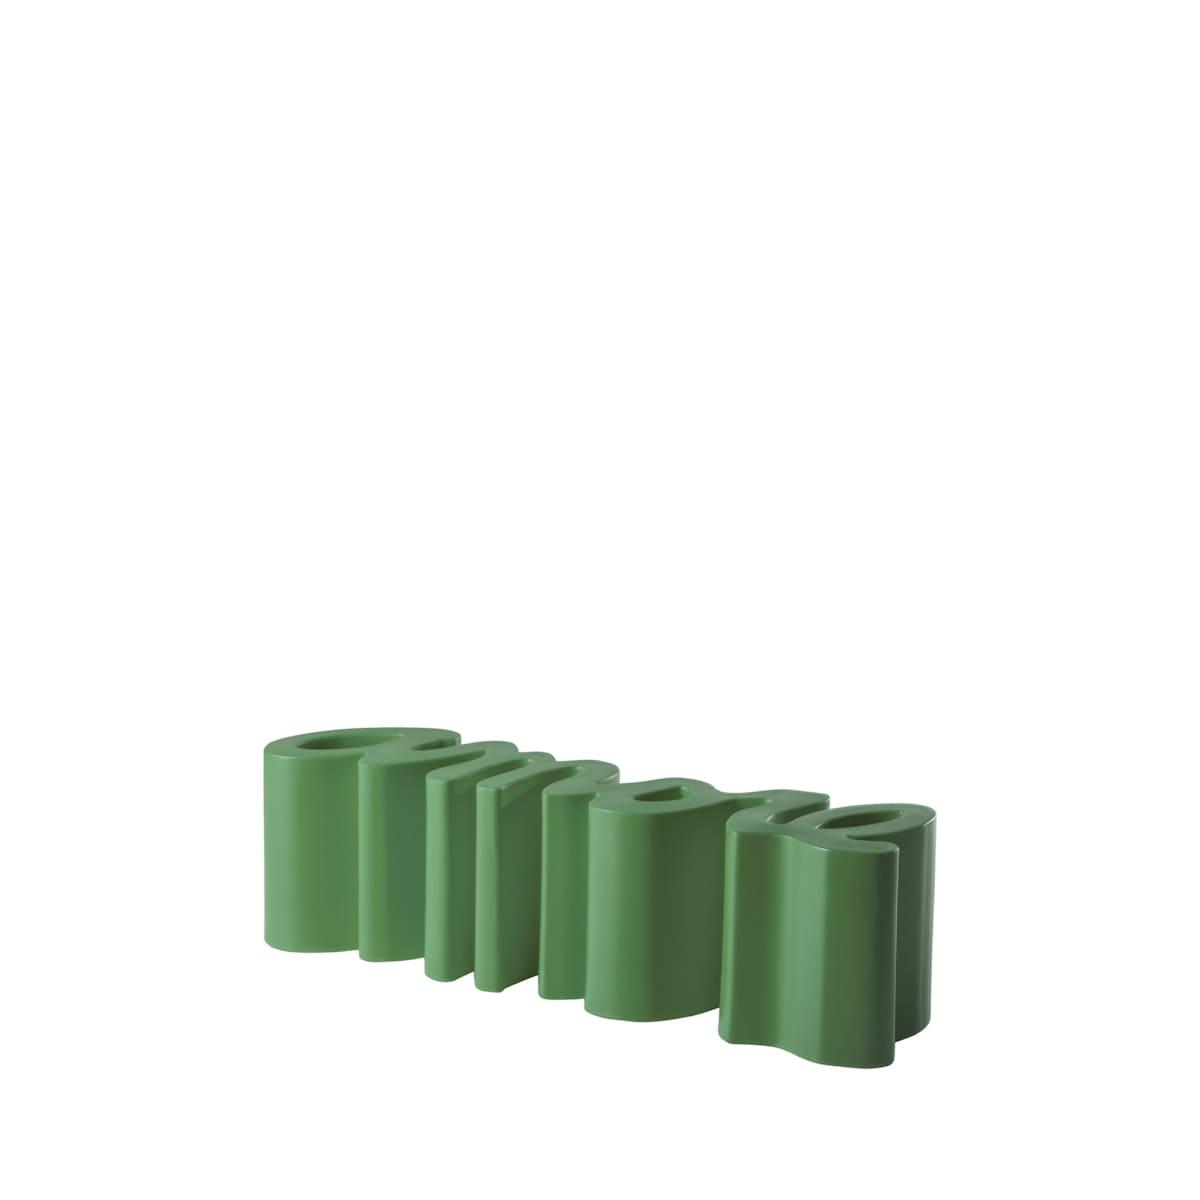 gartenbank modern sitzbank garten grün petrolium - Ausgefallene Designer Bank für den Garten